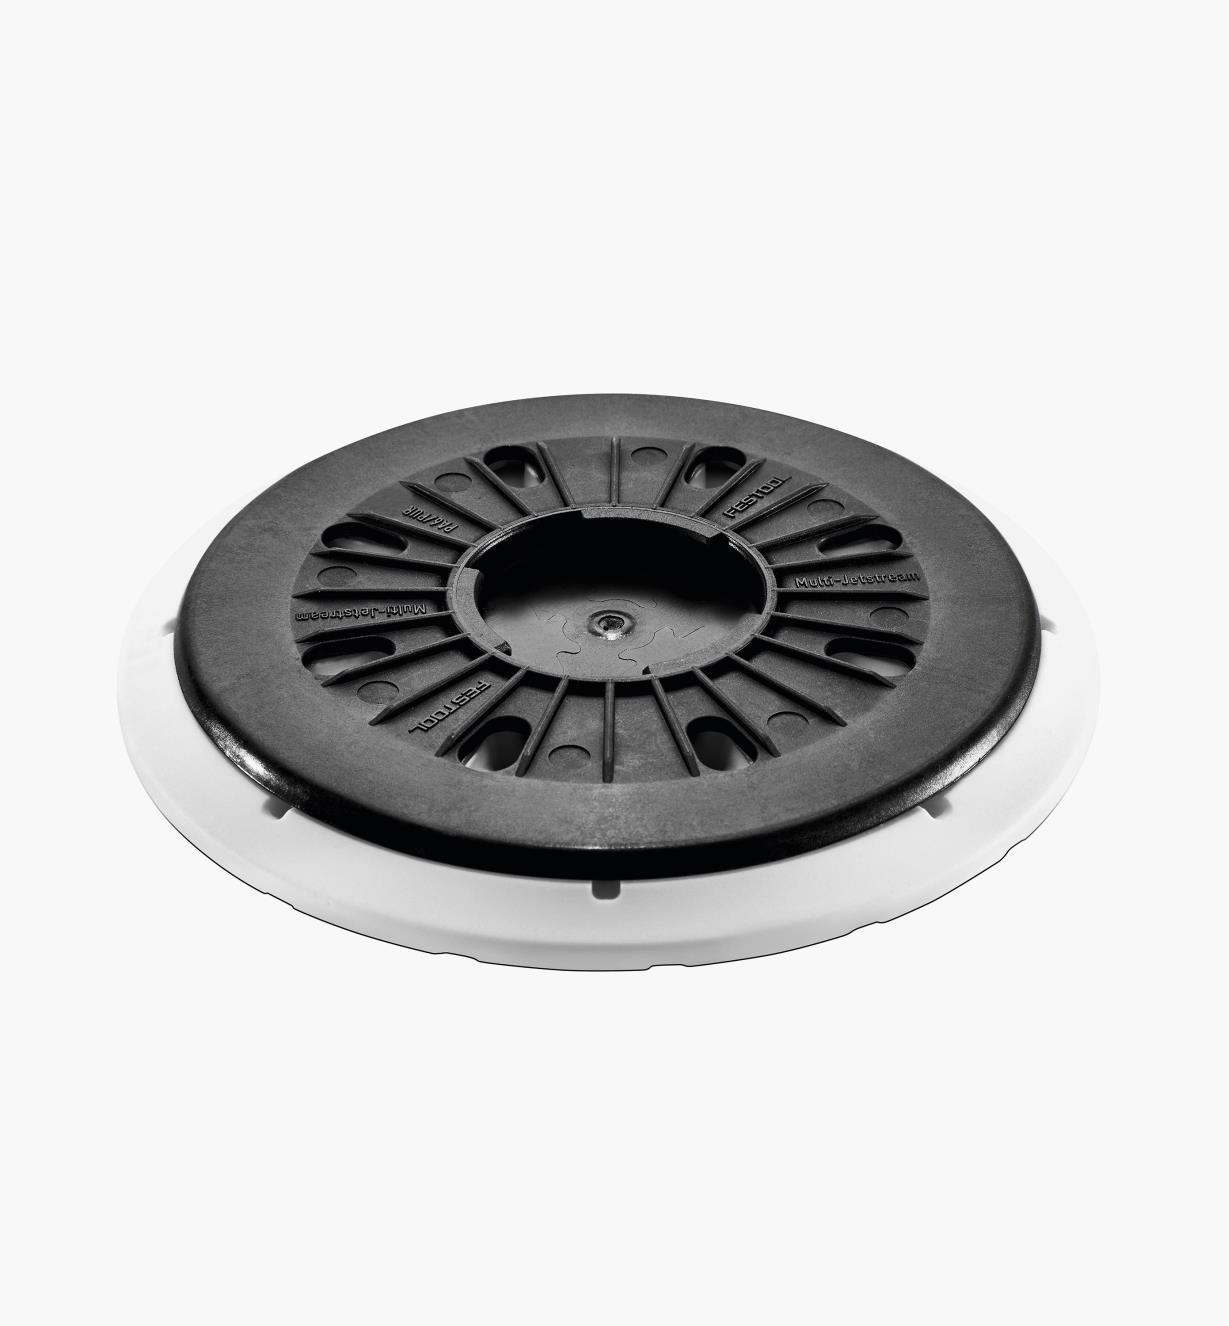 ZA202461 - StickFix Sanding Pad – Soft